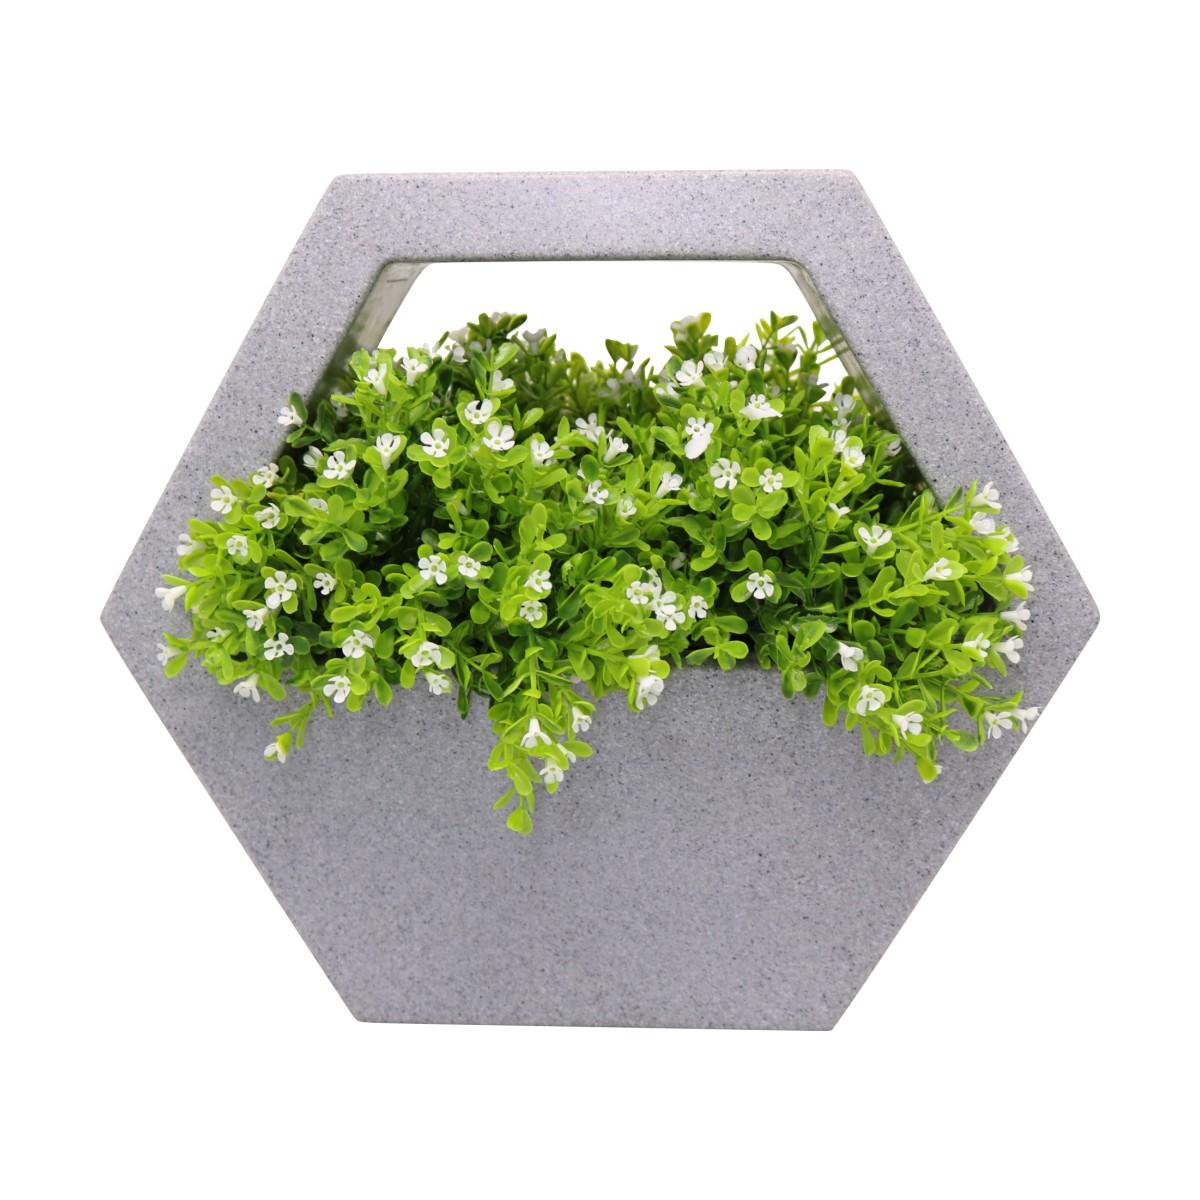 Vaso de Parede Sextavado Vogue cor Cinza Pedra 29,5cm x 34cm - VPS1-CP